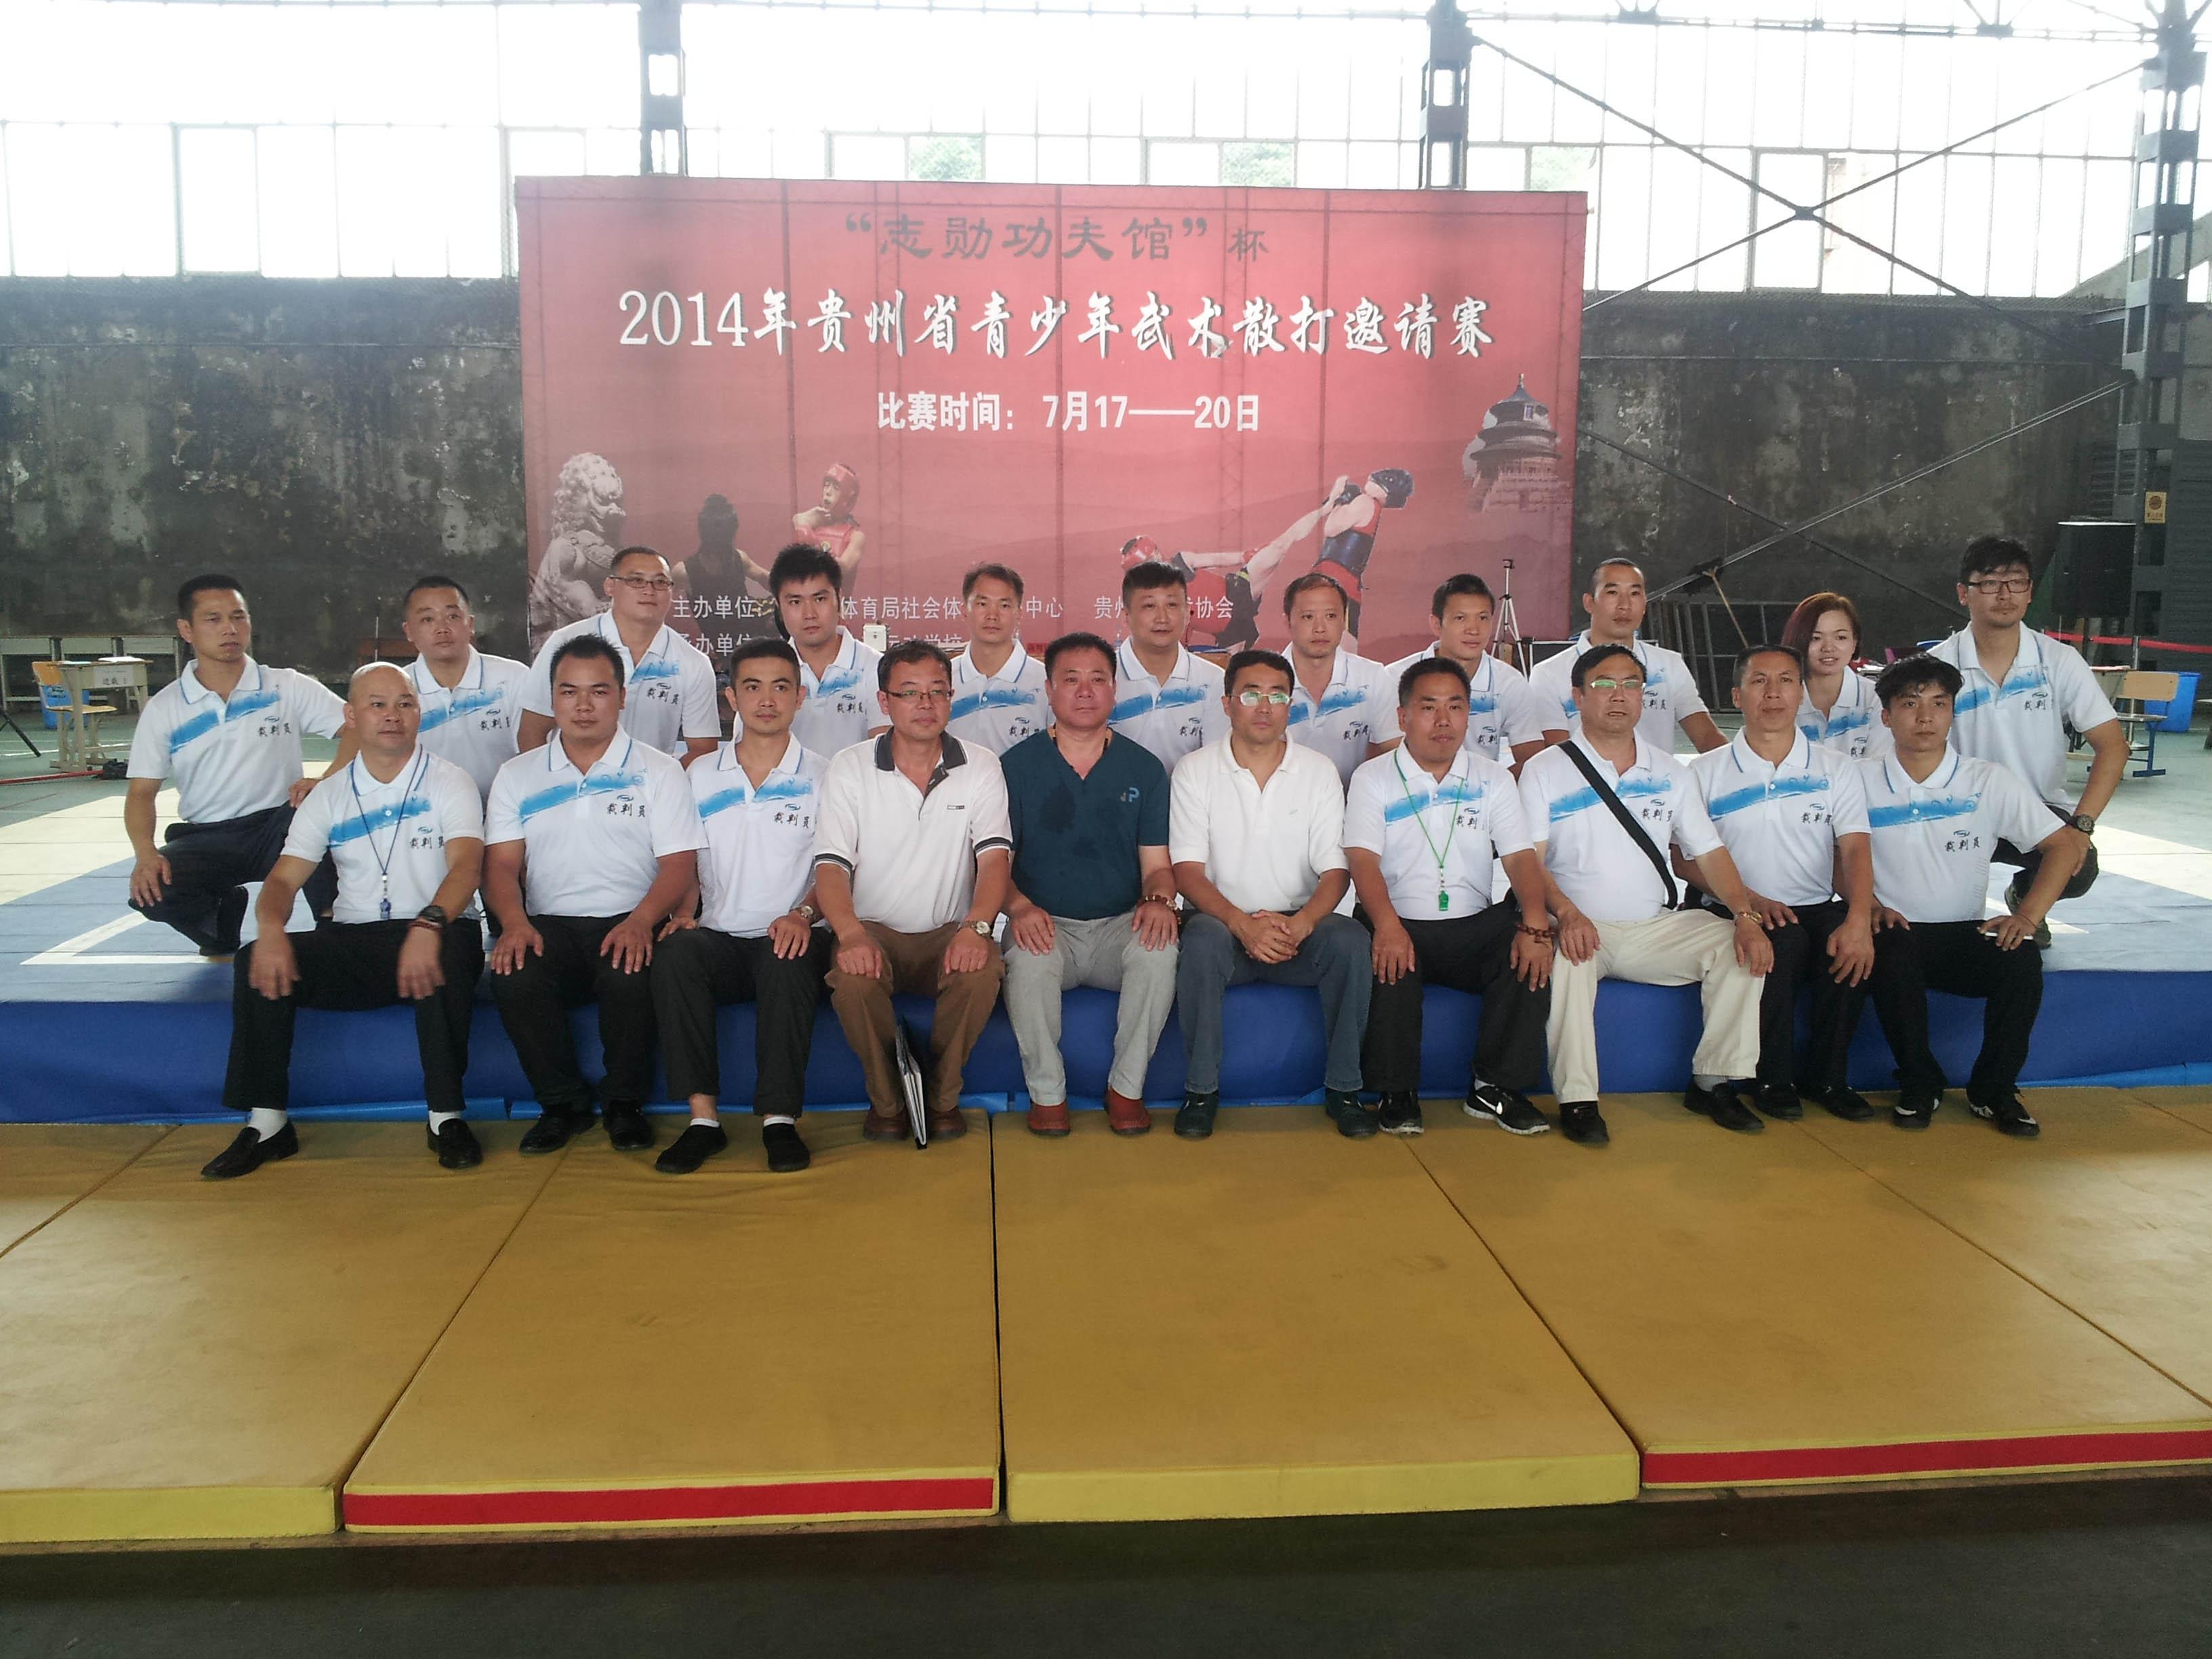 2014年公司承办贵州省青少年散打邀请赛裁判员合影